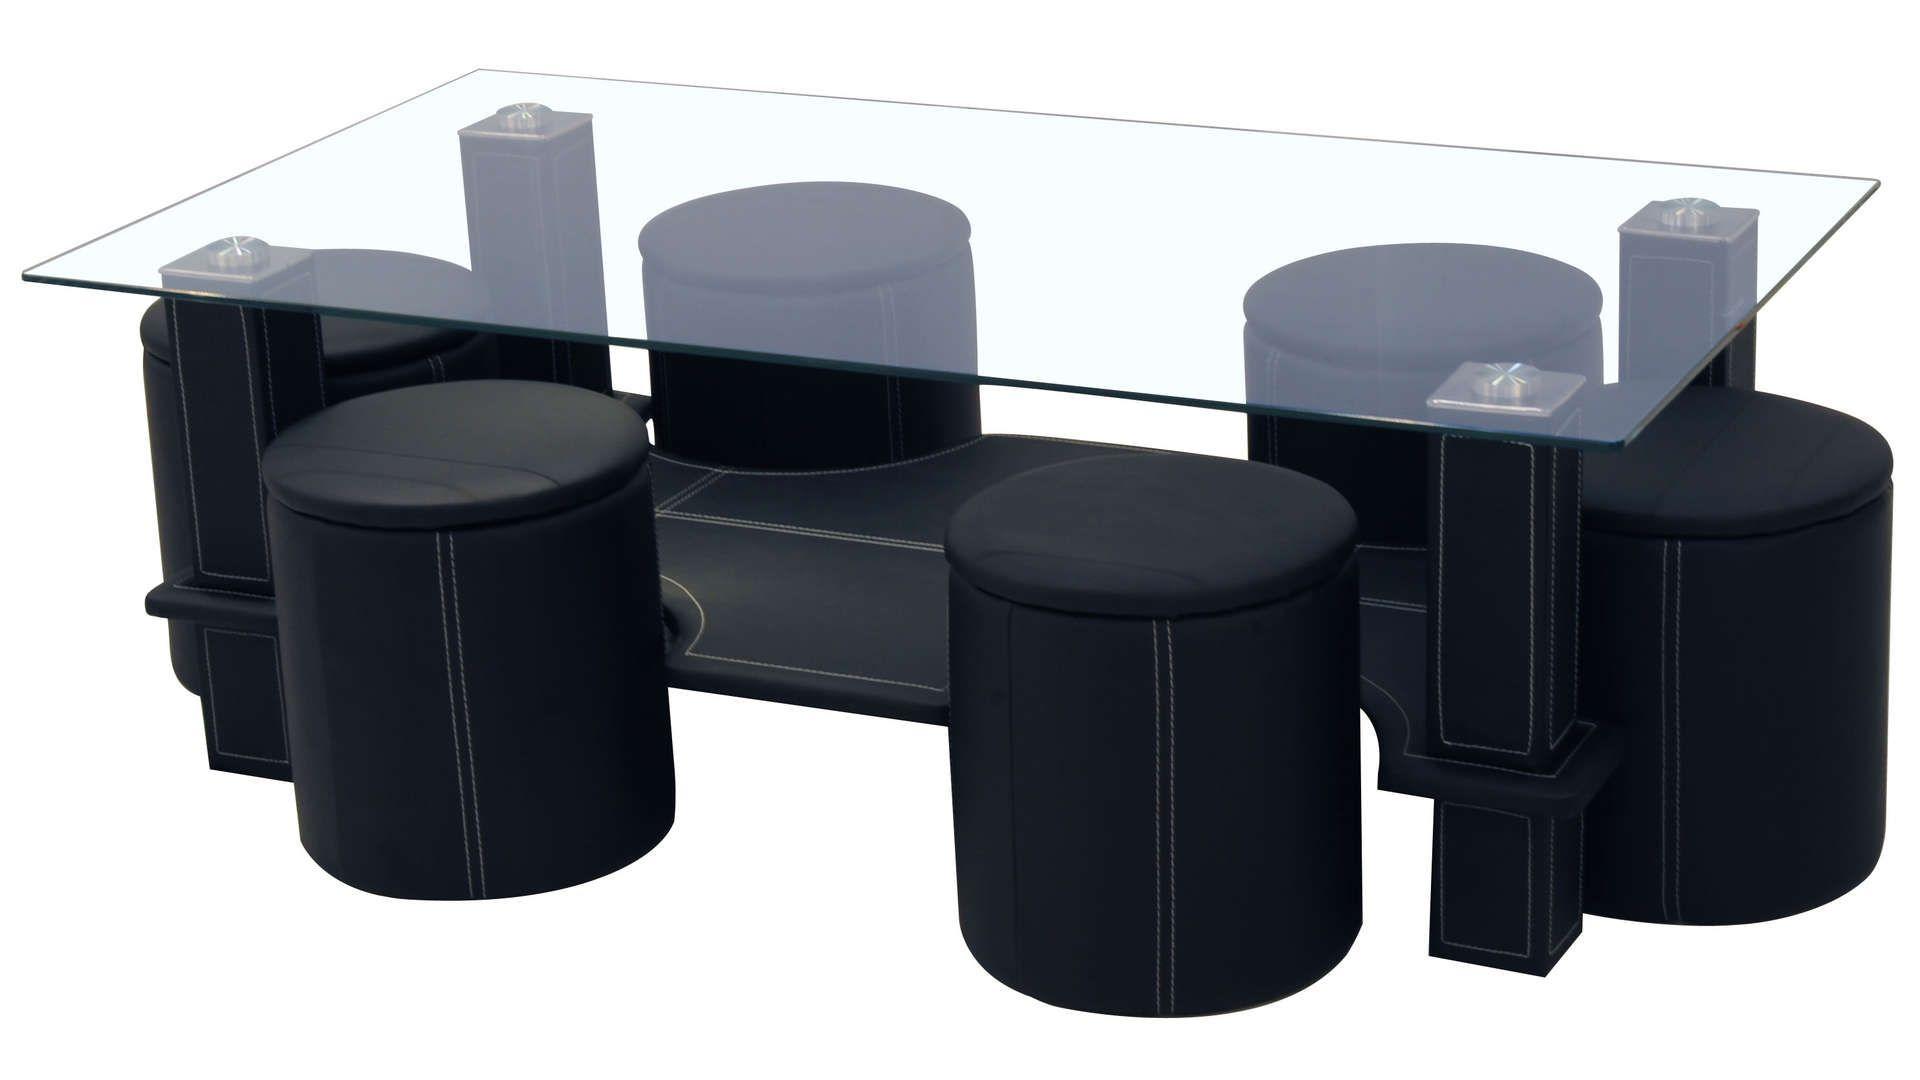 Table Basse 6 Poufs Sixty Coloris Noir Table De Salon Table Basse Pouf Table Basse Ovale Bois